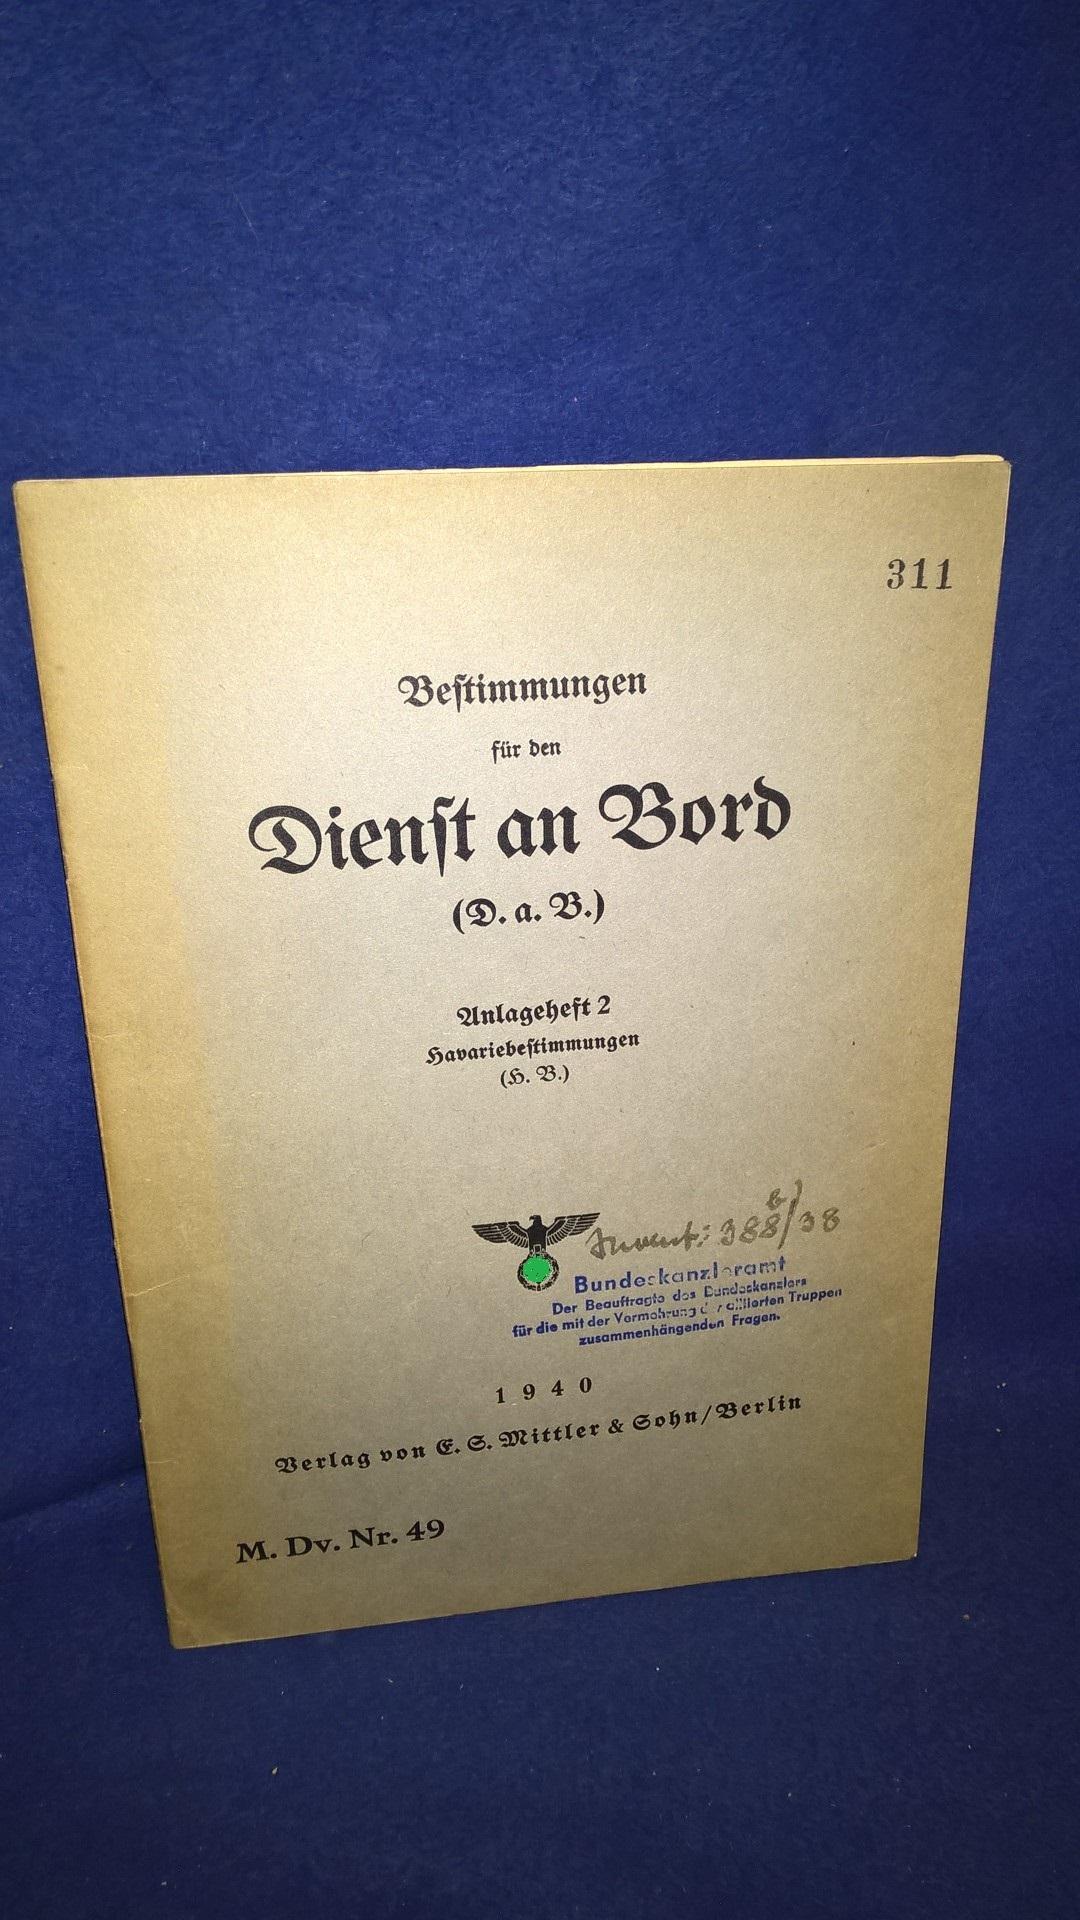 M.Dv. Nr. 49. Bestimmungen für den Dienst an Bord (D.a.B.). Anlageheft 2: Havariebestimmungen.